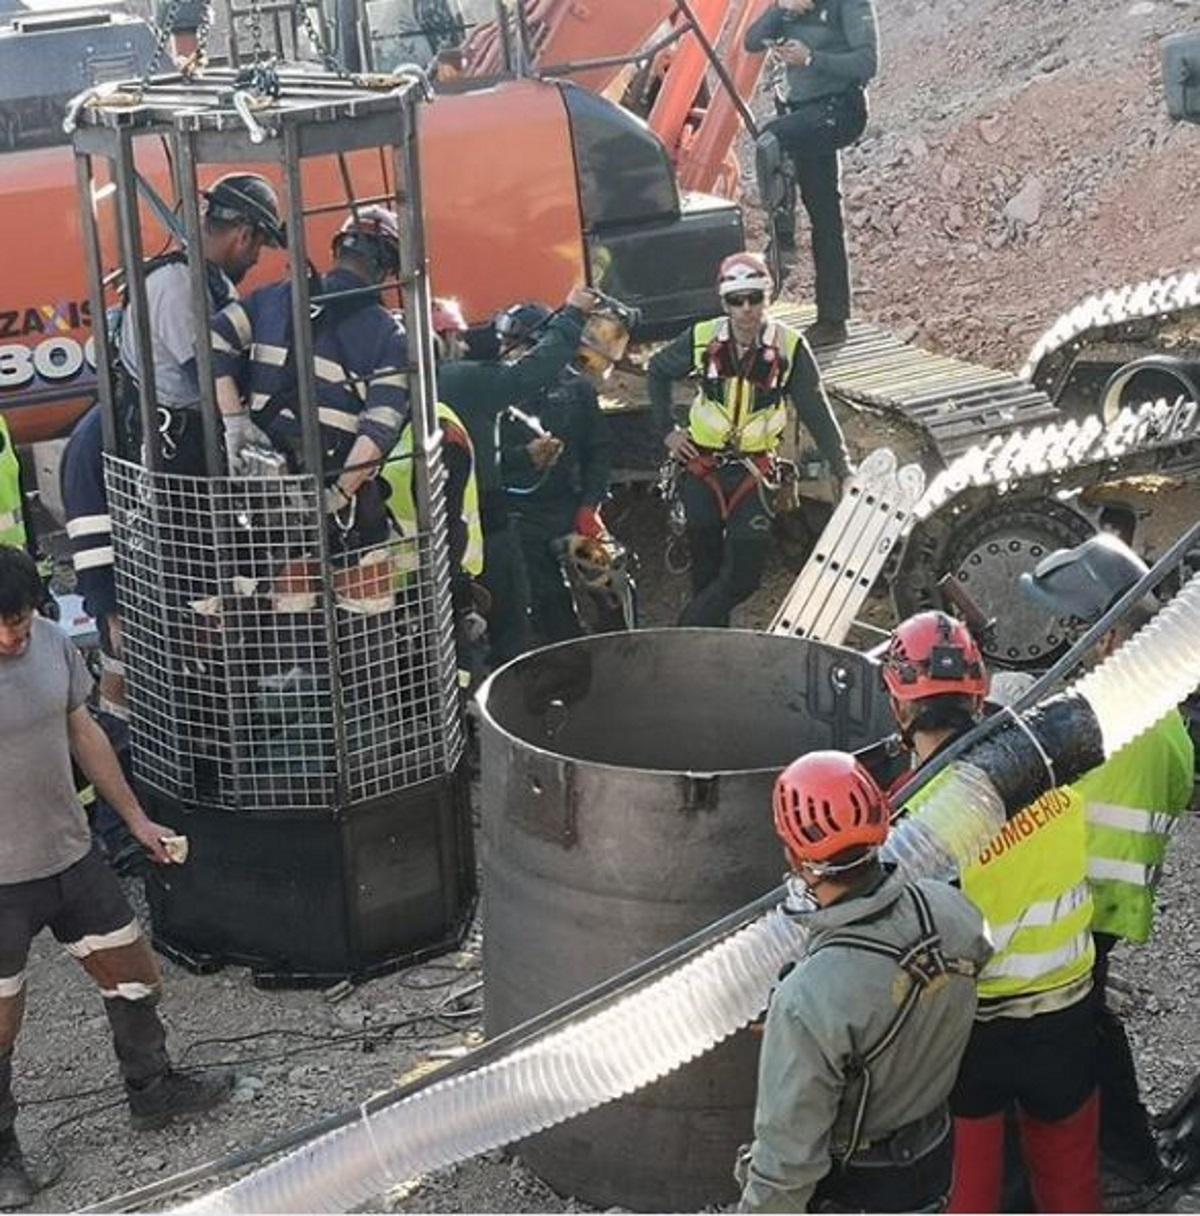 Los mineros se introducen en el pozo para buscar a Julen